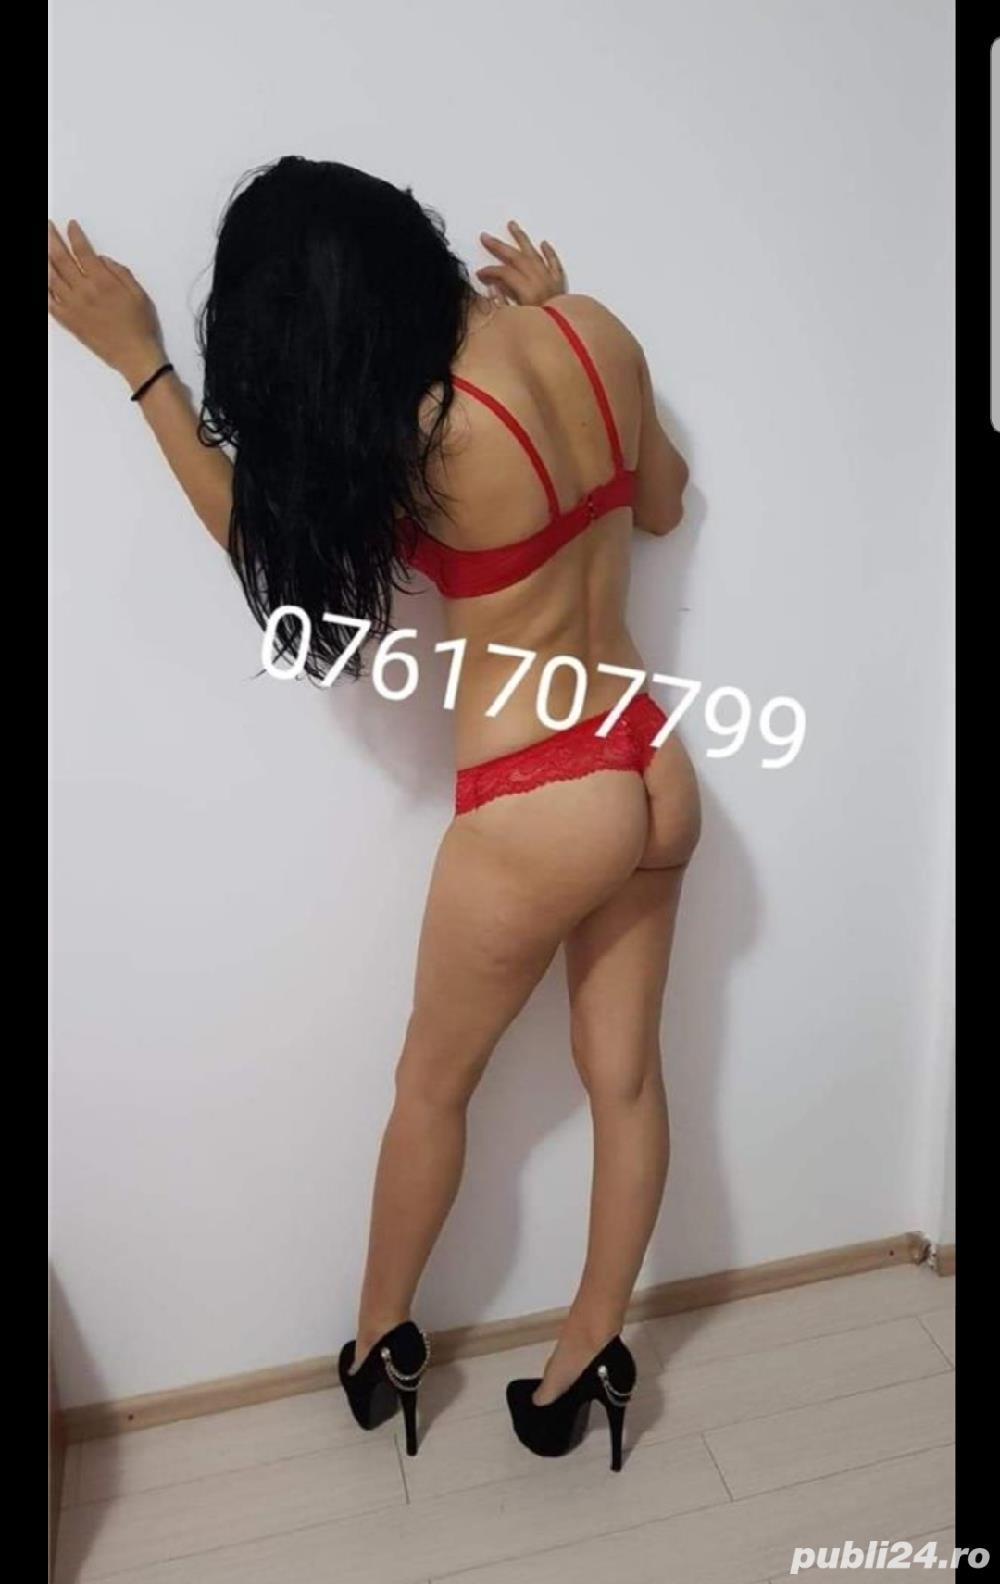 b36cebffbc83237a2973ef3a18223760